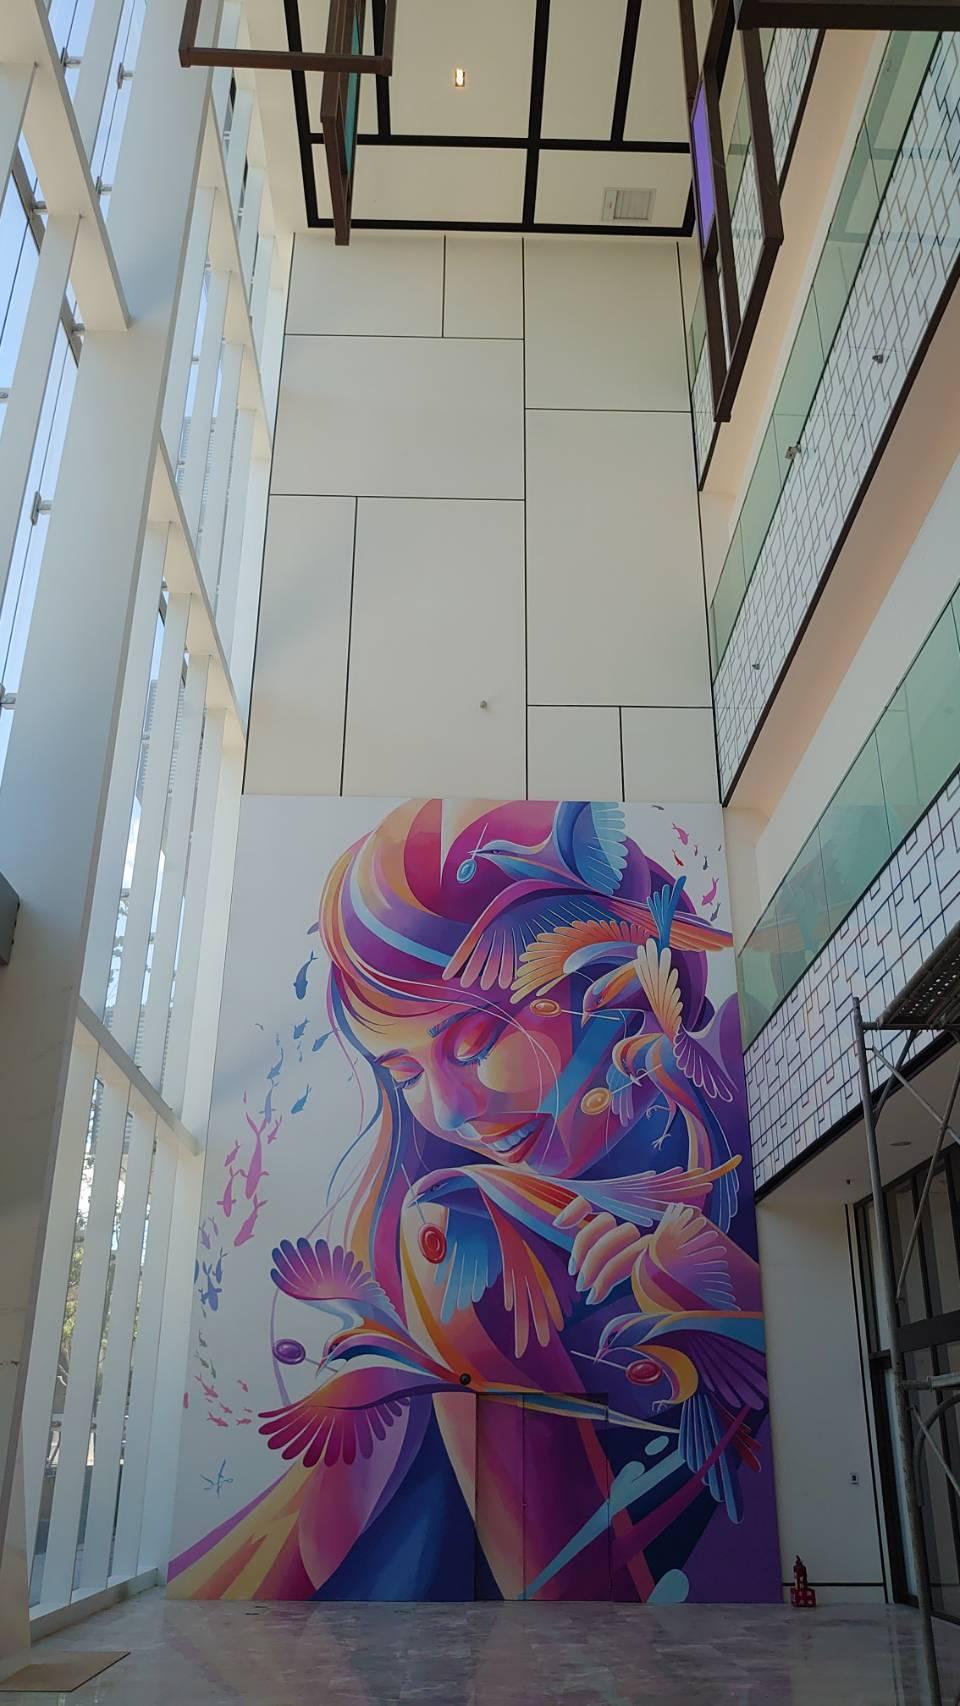 宏匯廣場一樓北大門展出台灣當代壁畫彩繪藝術家LeHo的「夢之巢Dream Nes...